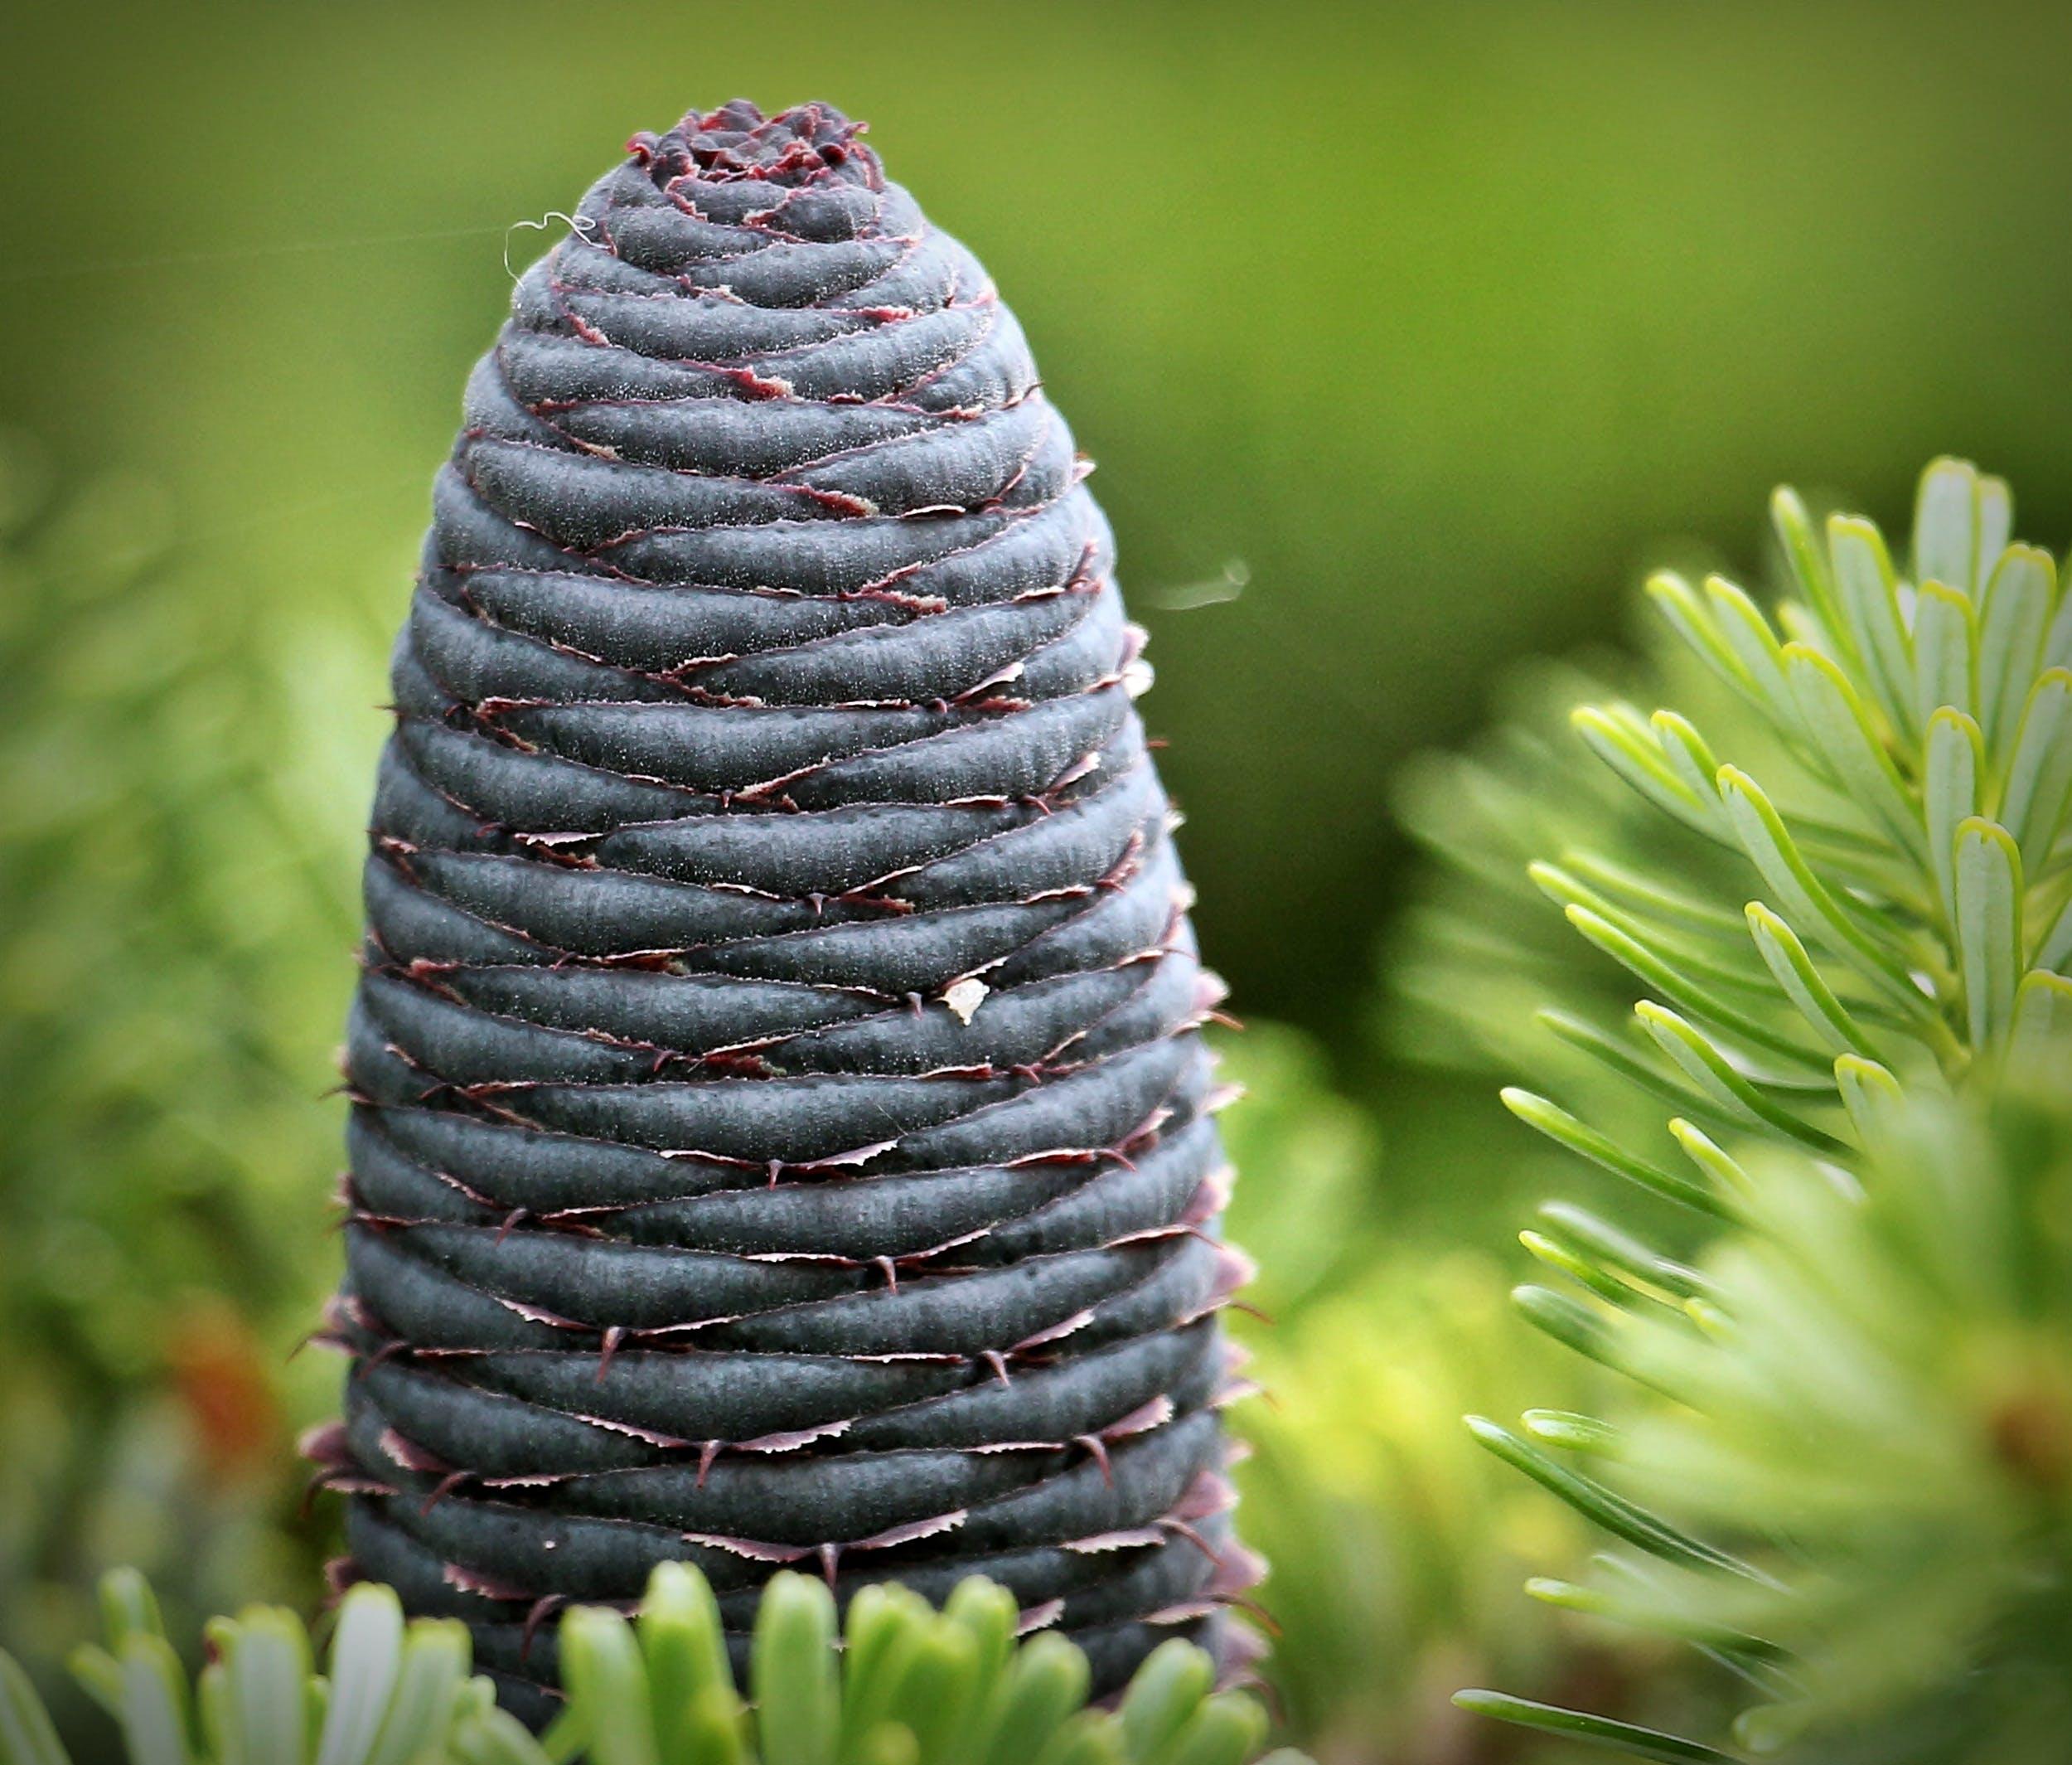 Foto d'estoc gratuïta de arbre, avet, avet coreà, con